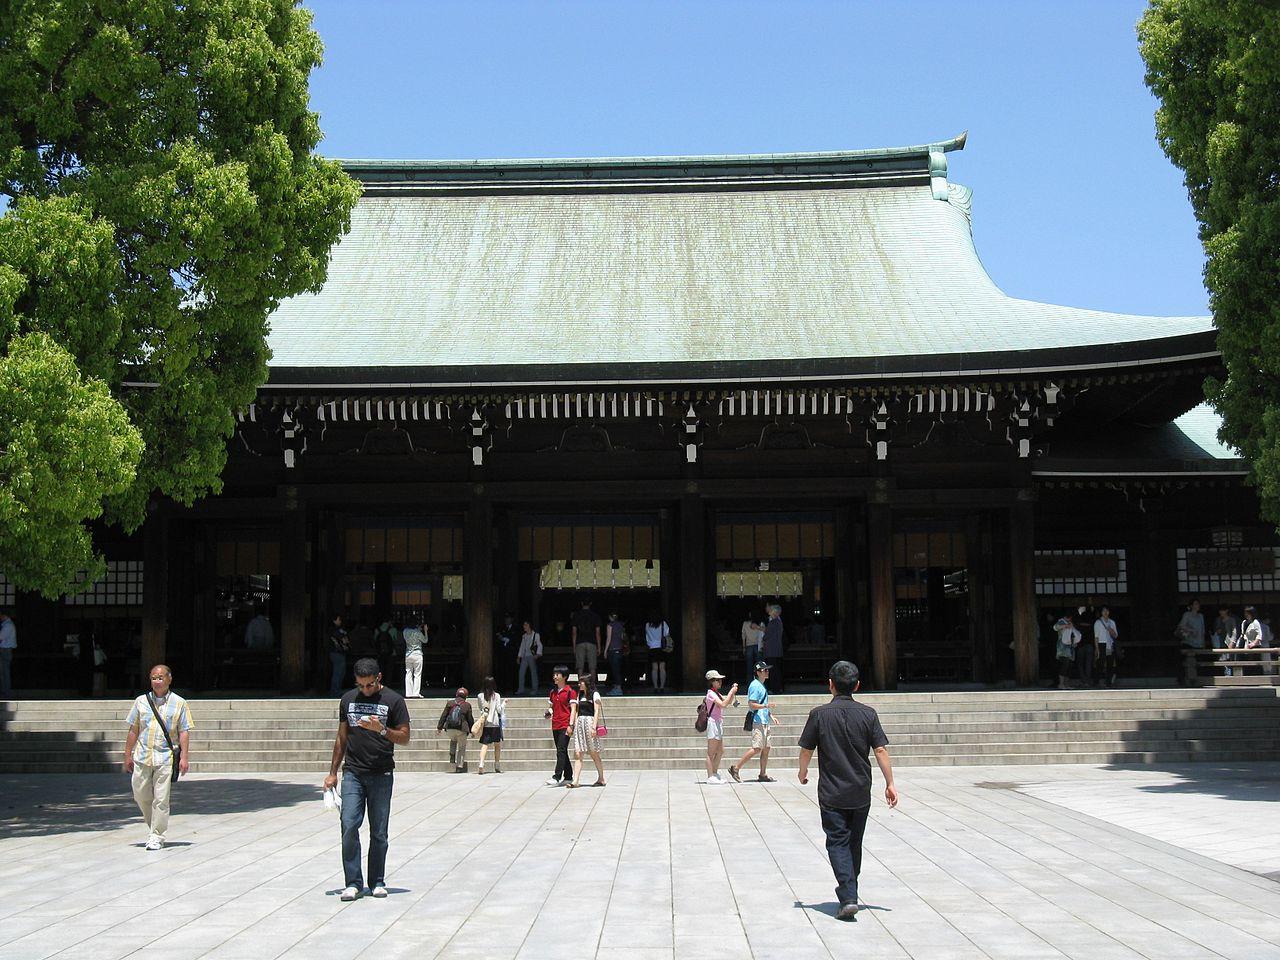 明治神宮 - Wikipedia